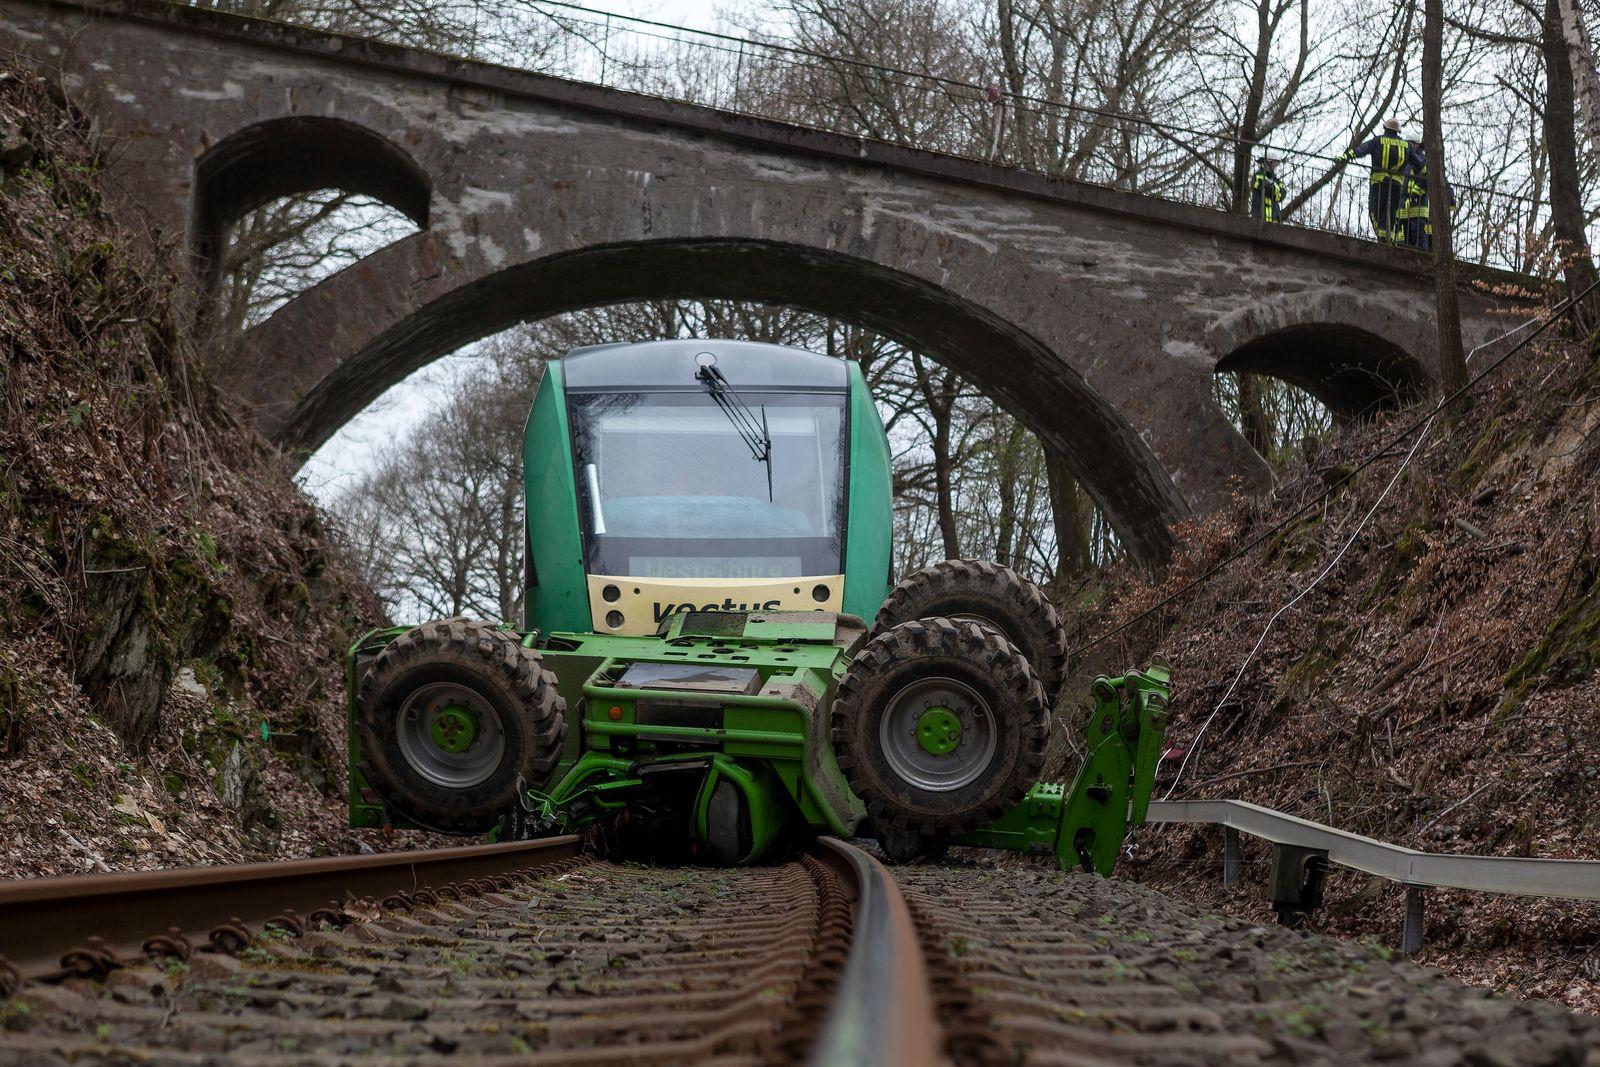 NICHT VERWENDEN Unfall/ Traktor/ Bahn